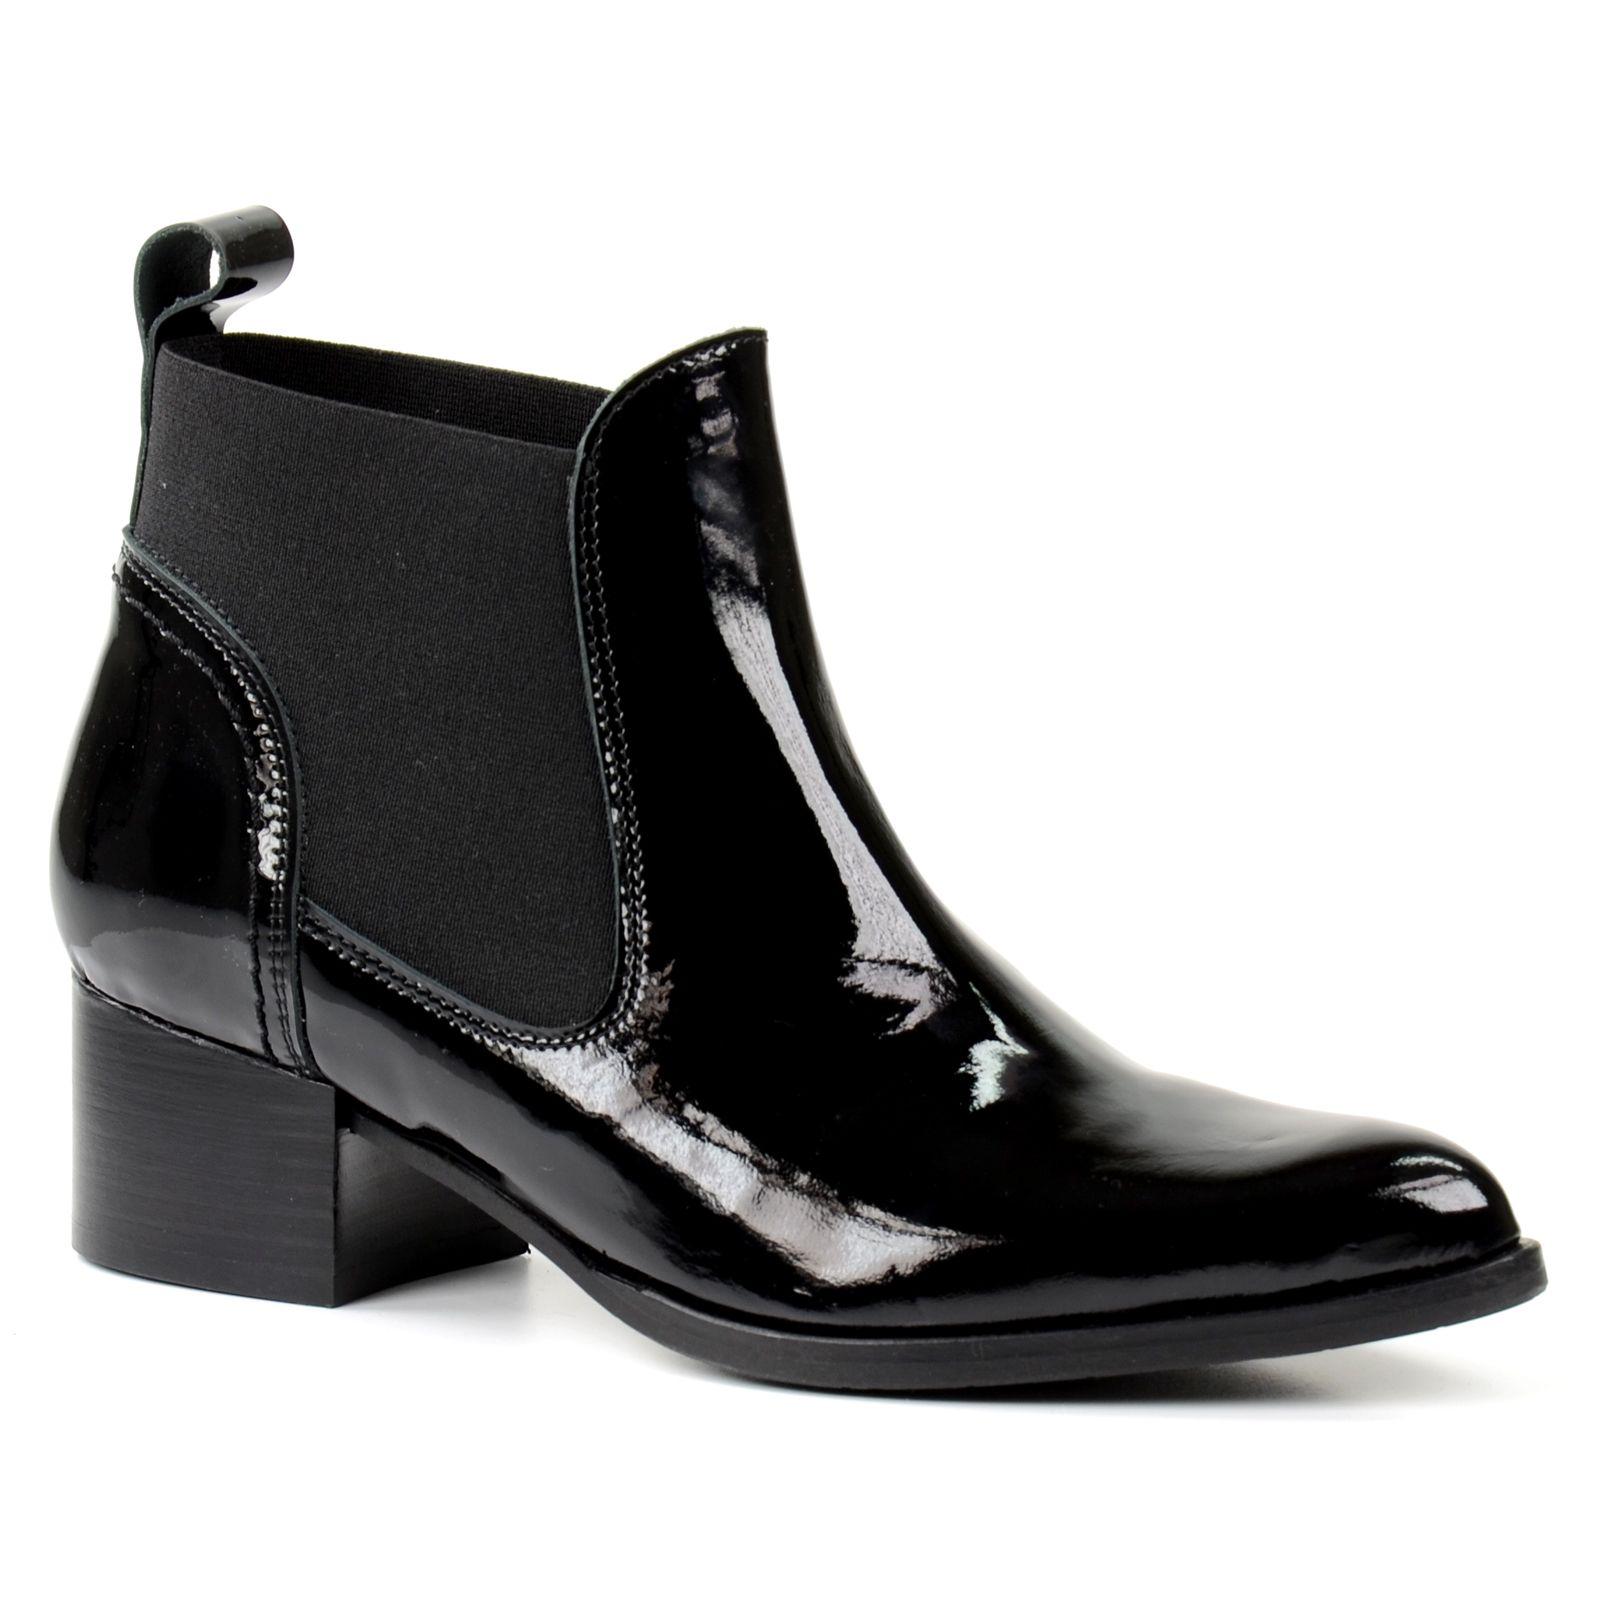 boots chelsea en cuir verni noir femmes. Black Bedroom Furniture Sets. Home Design Ideas